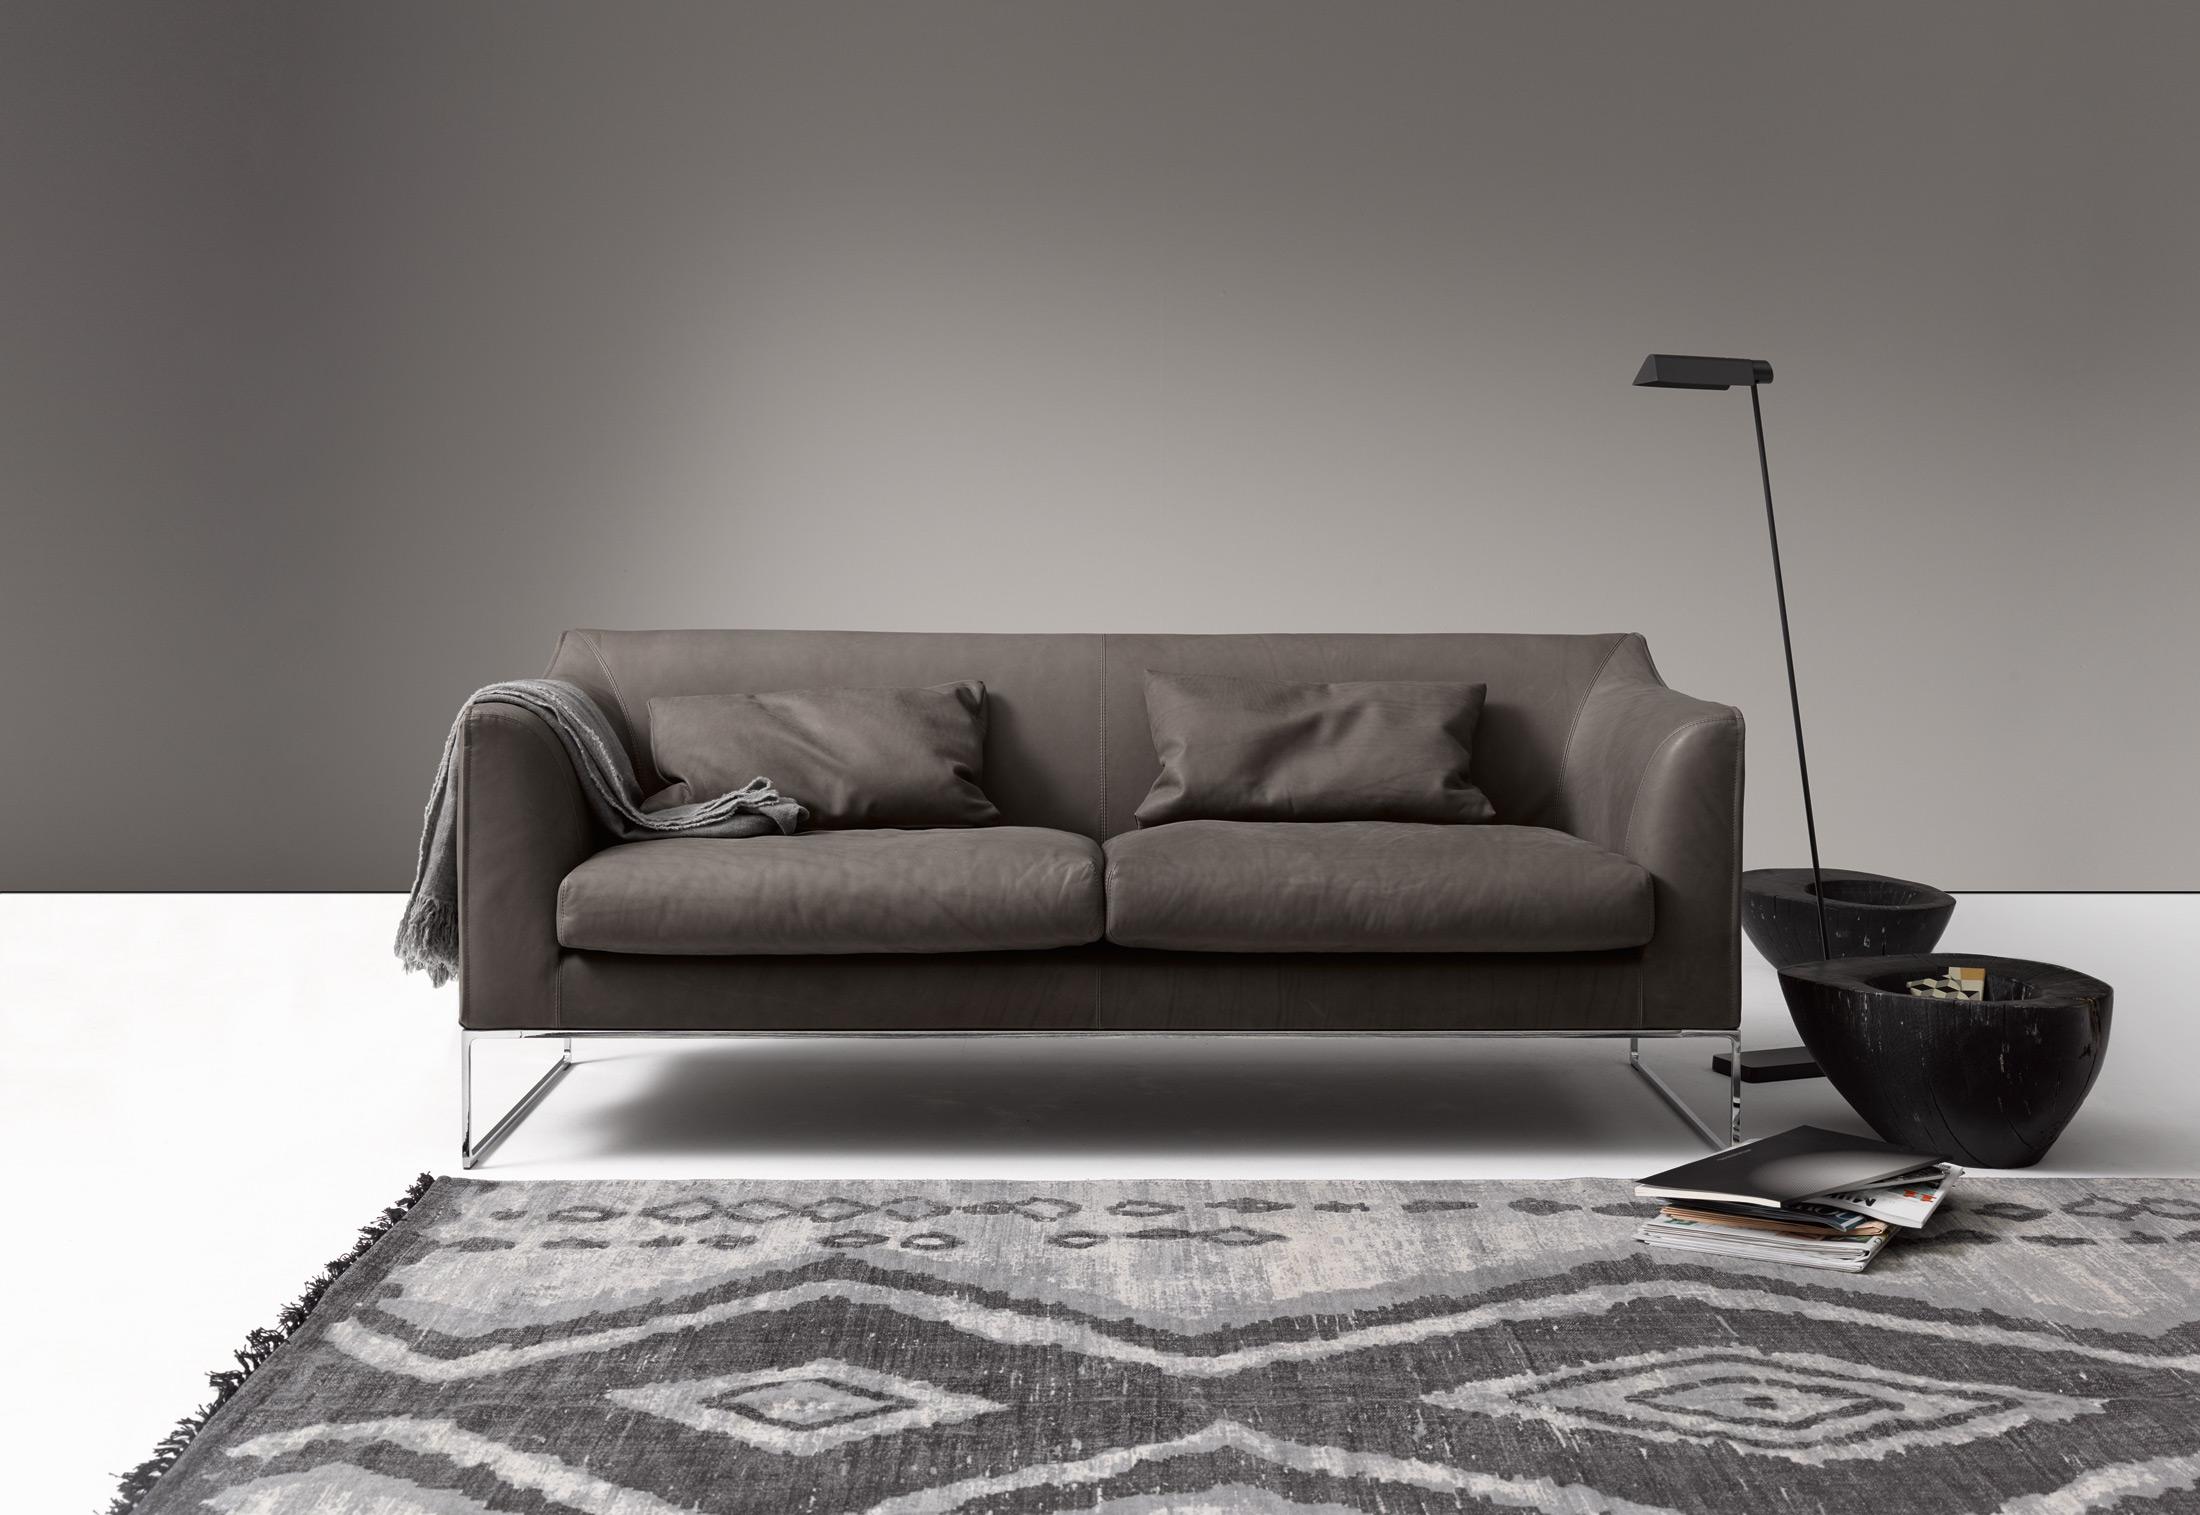 mell sofa mit hohem r cken von cor stylepark. Black Bedroom Furniture Sets. Home Design Ideas